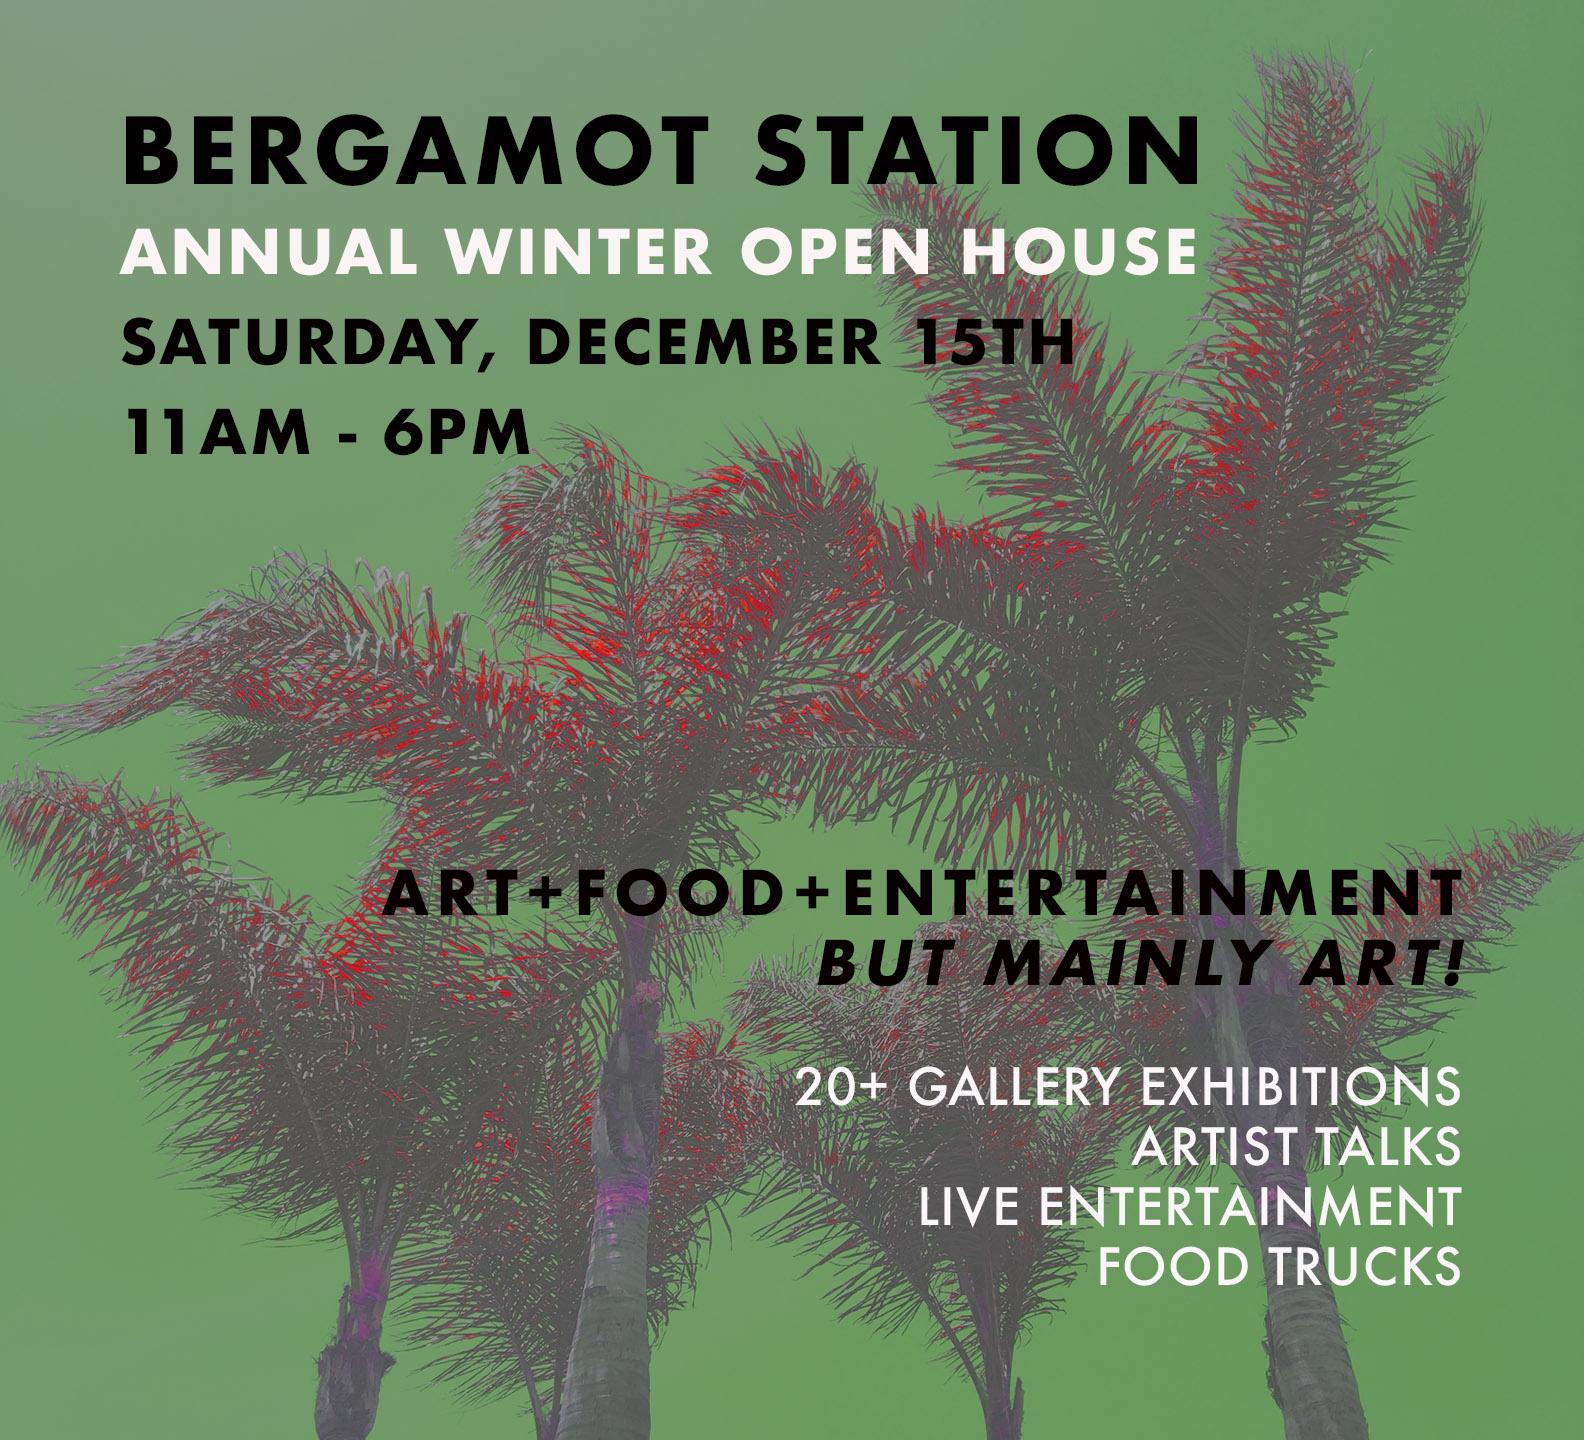 Bergamot Station's Winter Open House